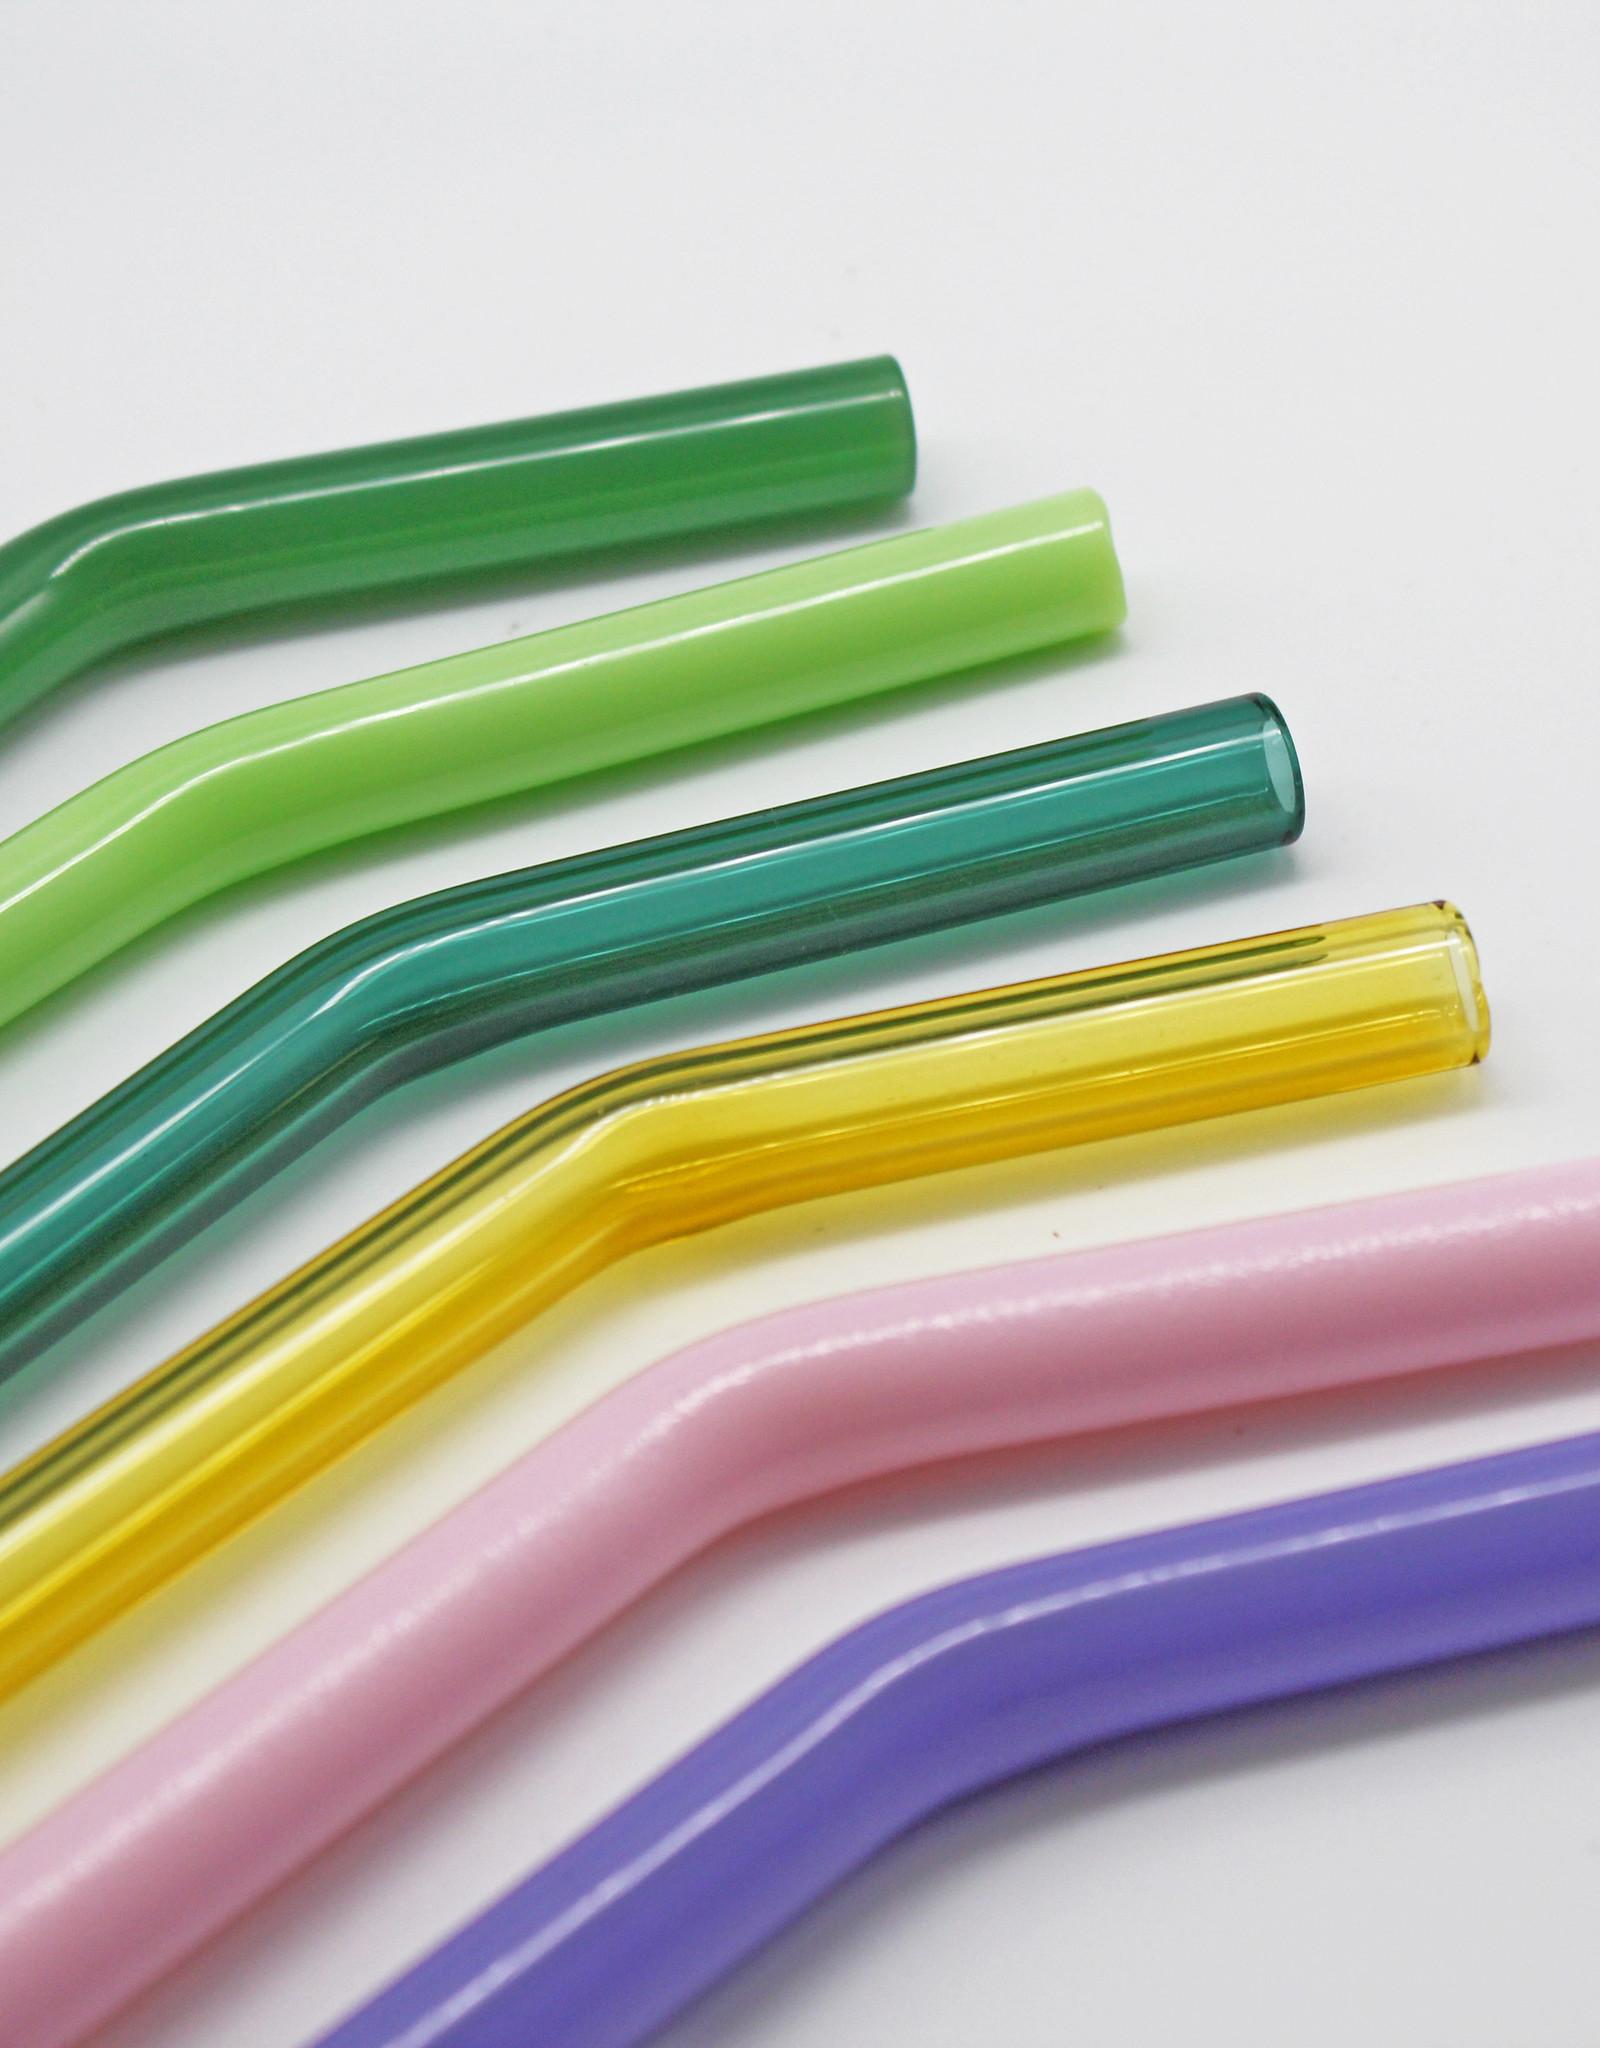 Quinn Harmon Plain Glass Straws